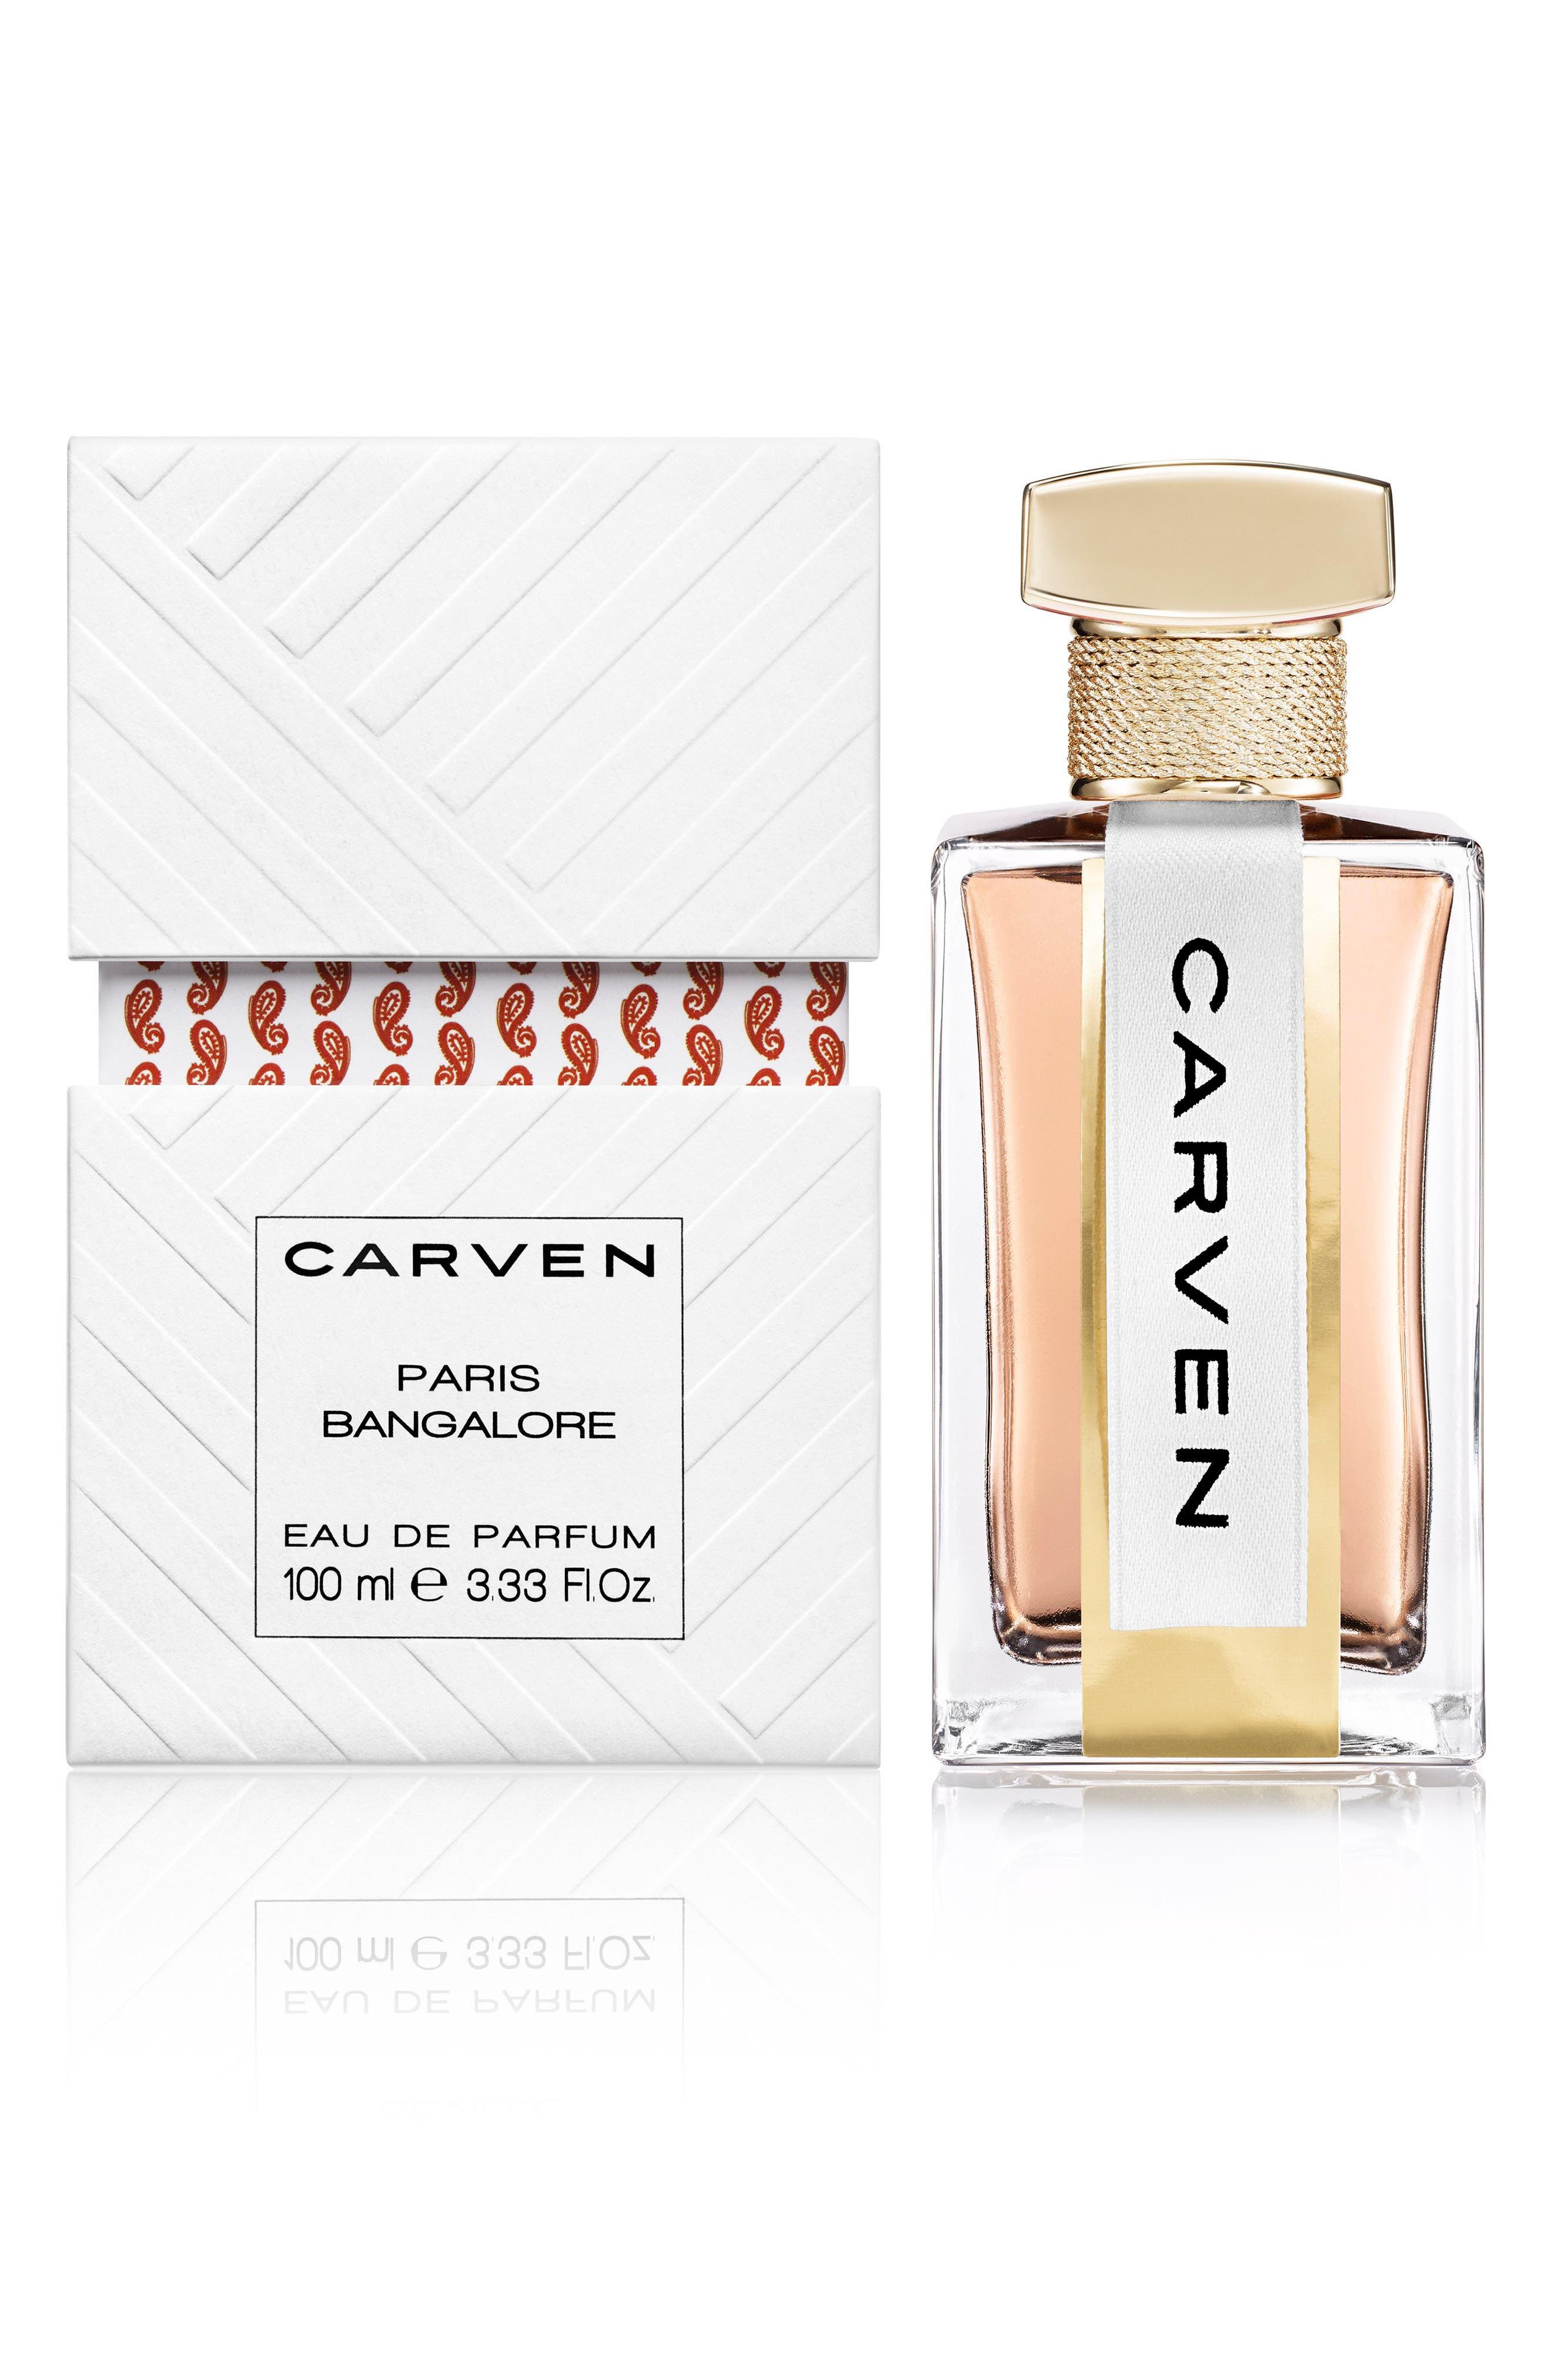 Carven Bangalore Eau de Parfum